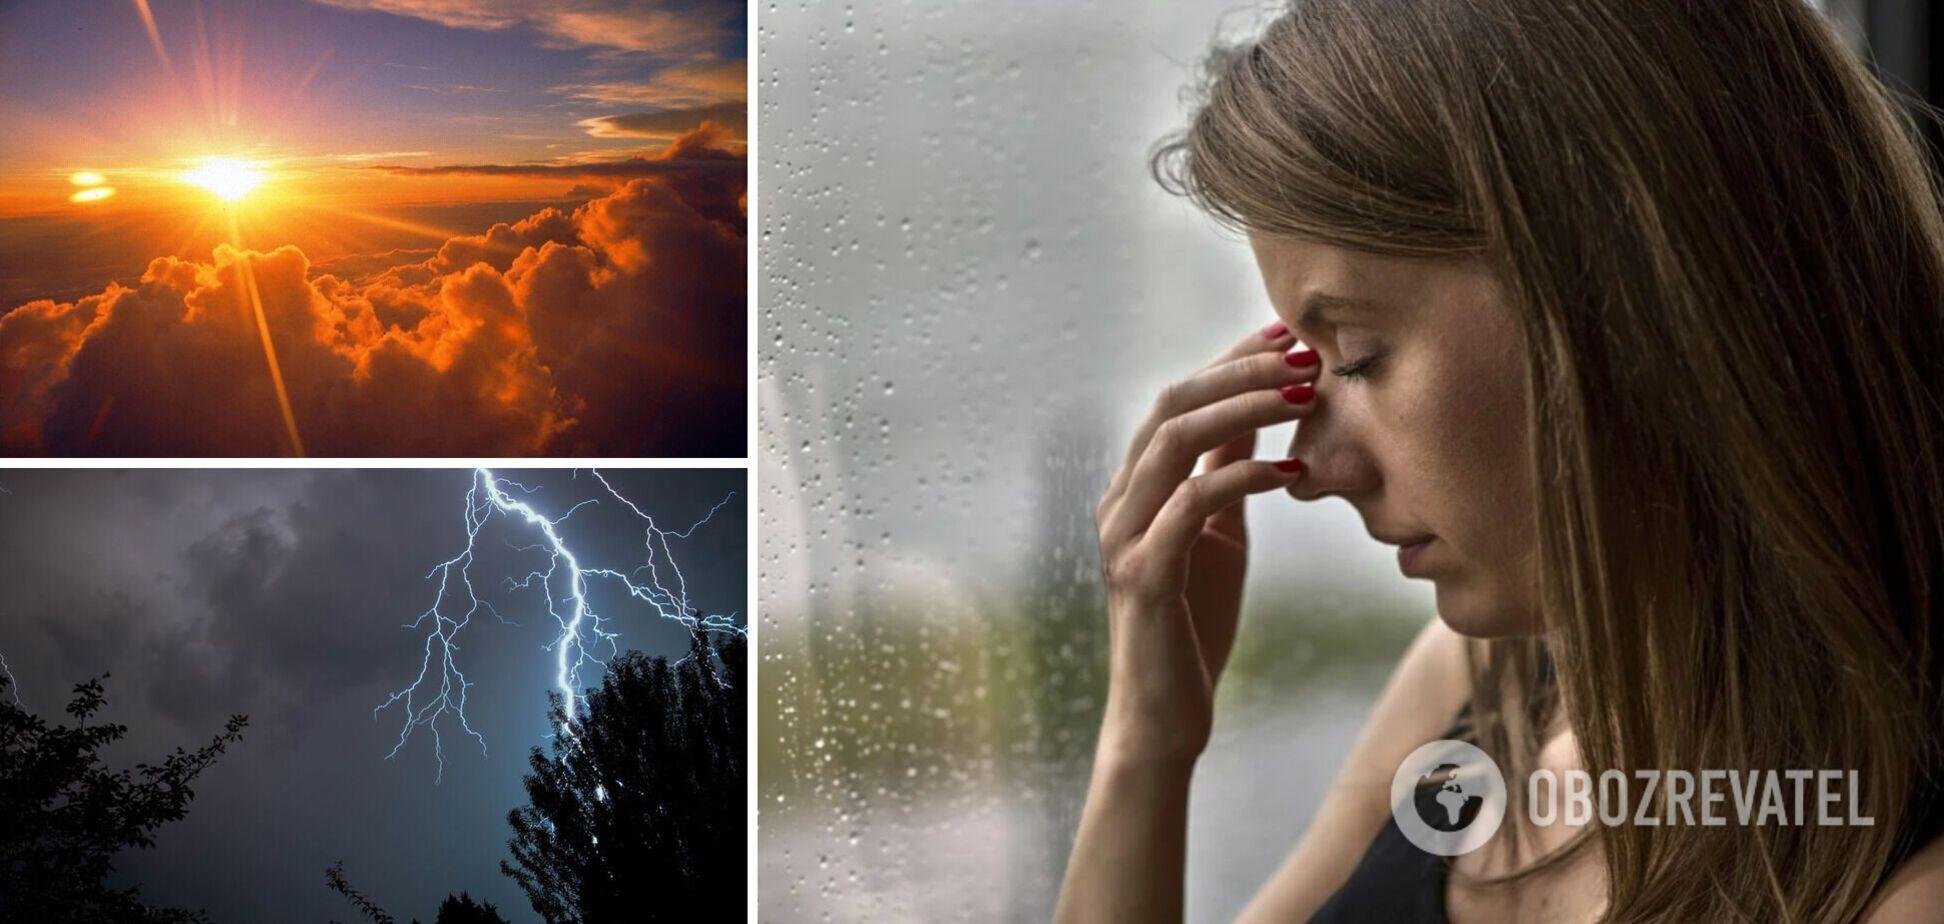 В Украине растет количество метеозависимых: синоптик рассказала, как пережить перепады погоды